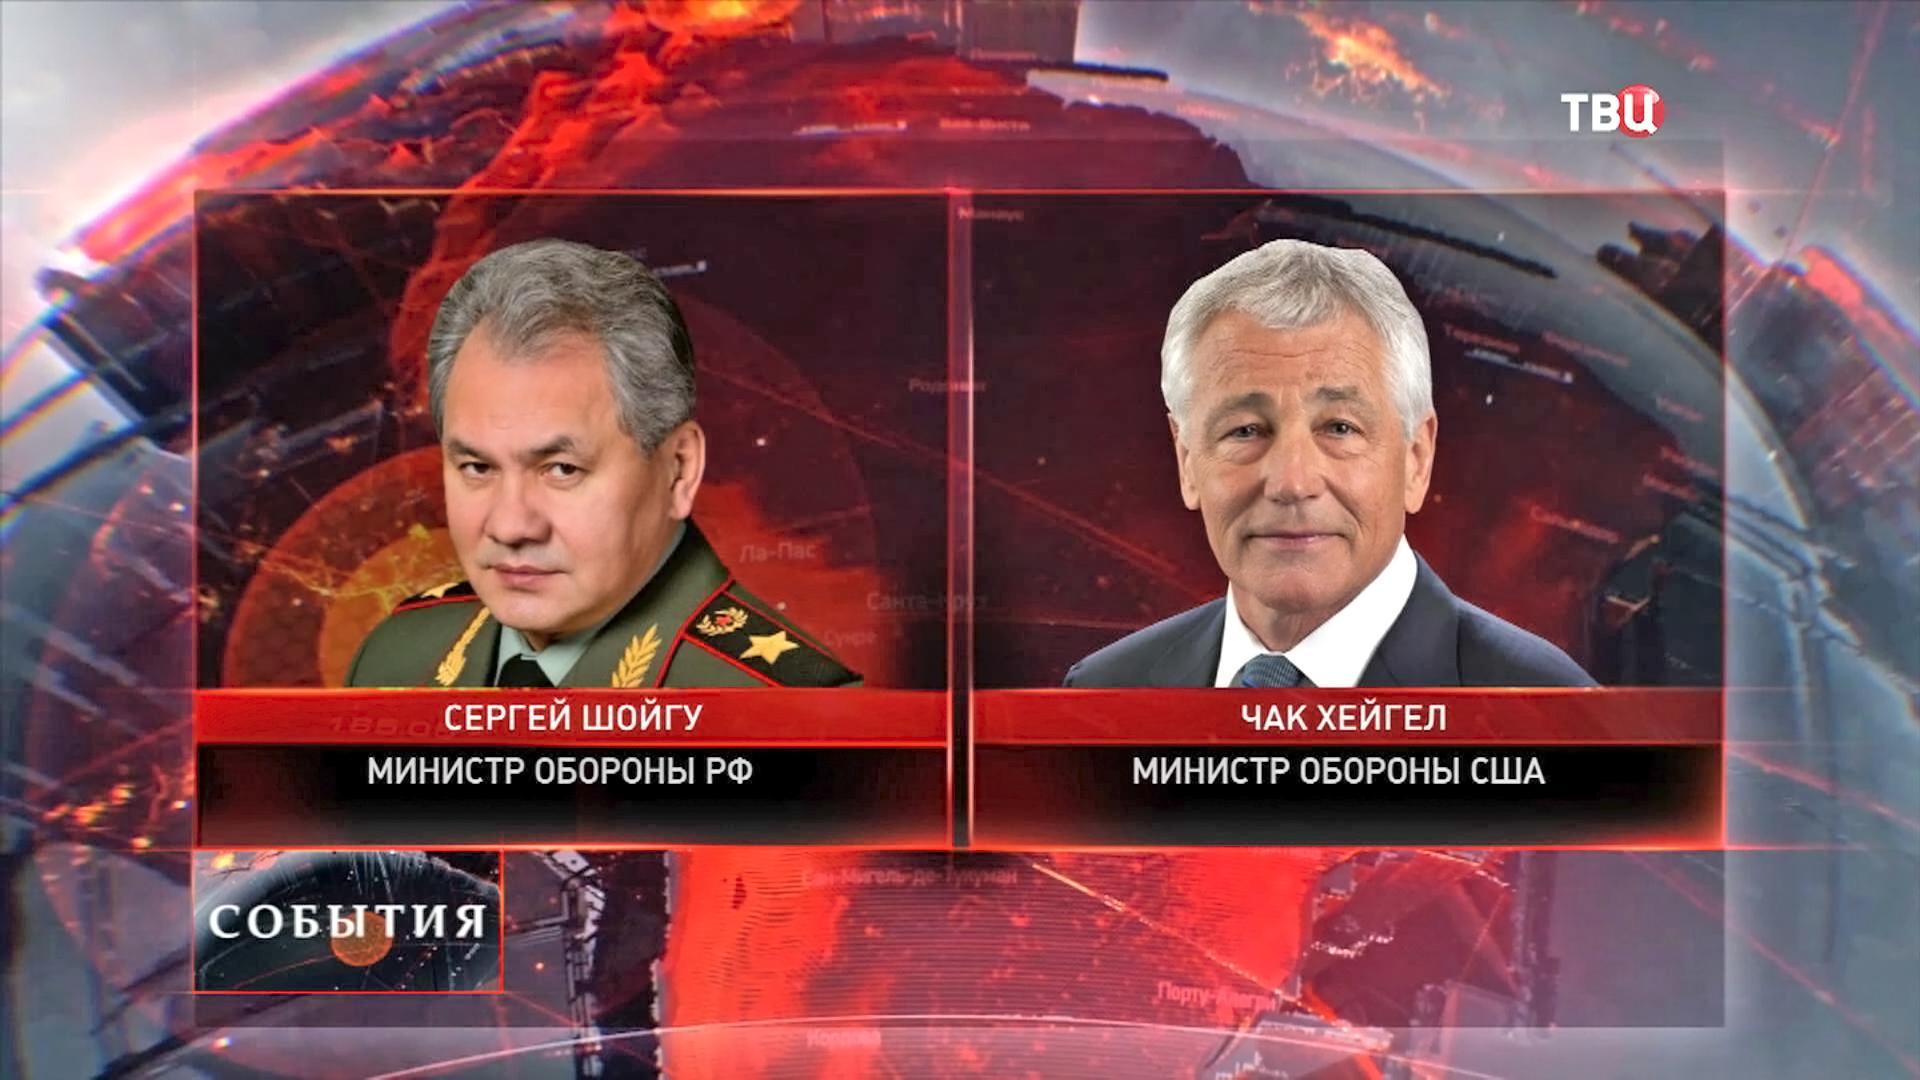 Министр обороны РФ Сергей Шойгу и министр обороны США Чак Хейгел